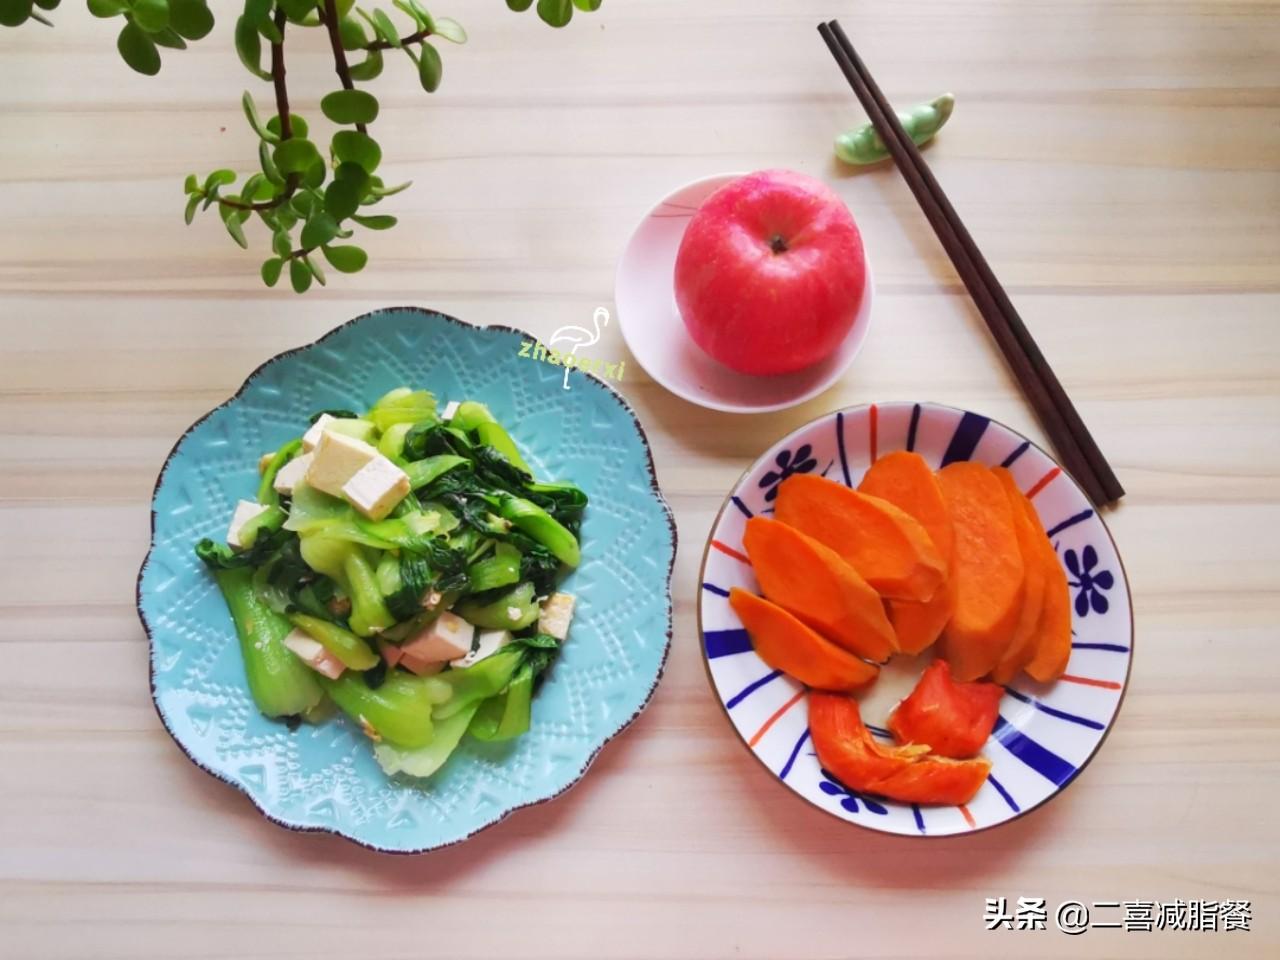 营养师的一天的减脂三餐,补脾养胃的糖醋大黄鱼做法来了 减肥菜谱做法 第2张